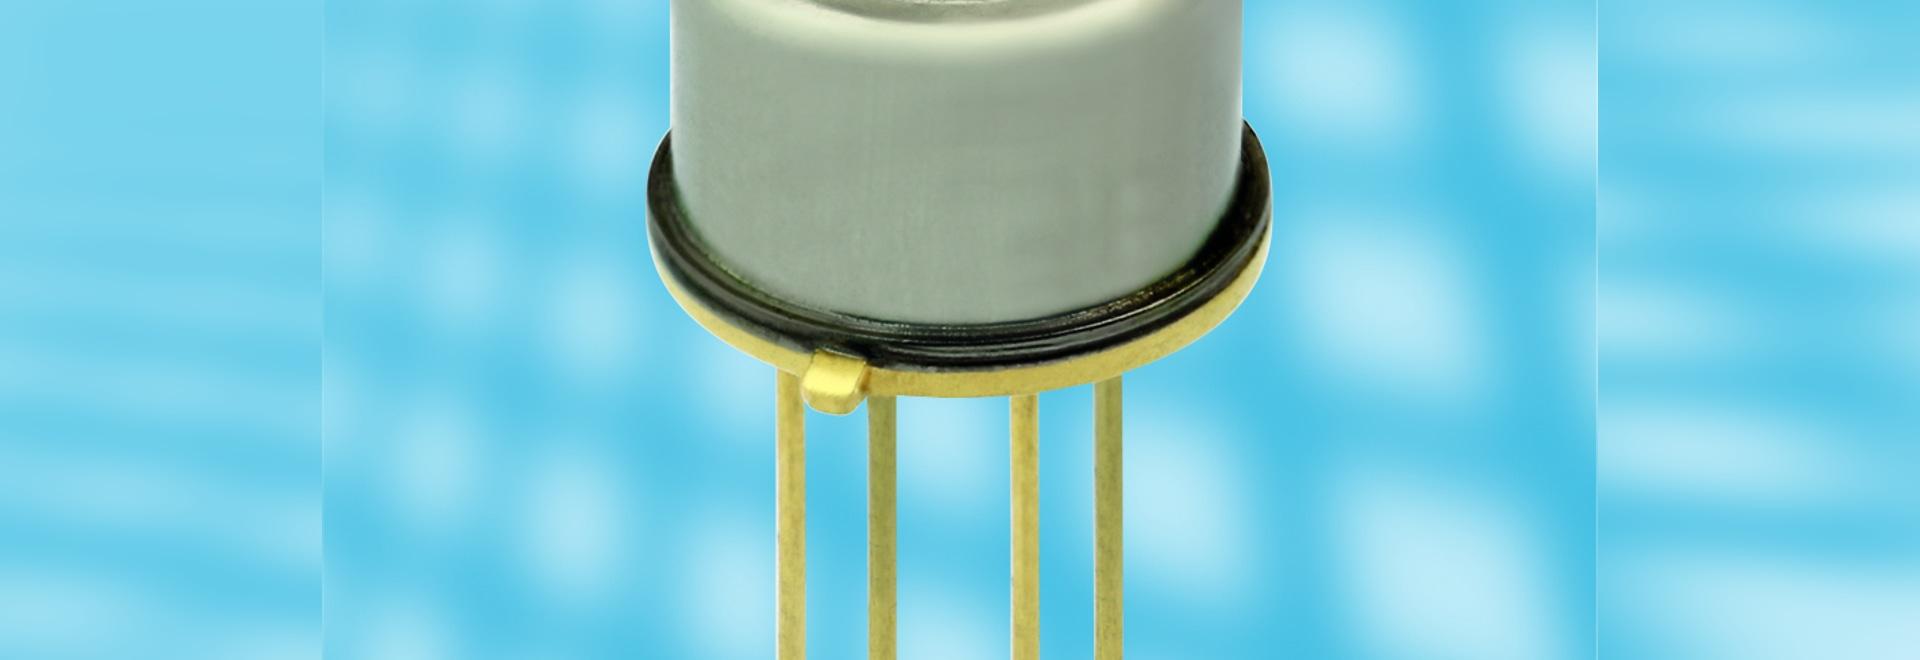 Le capteur de gaz PTC-01P: Pour une détection sûre du CO2 dans de nombreuses applications